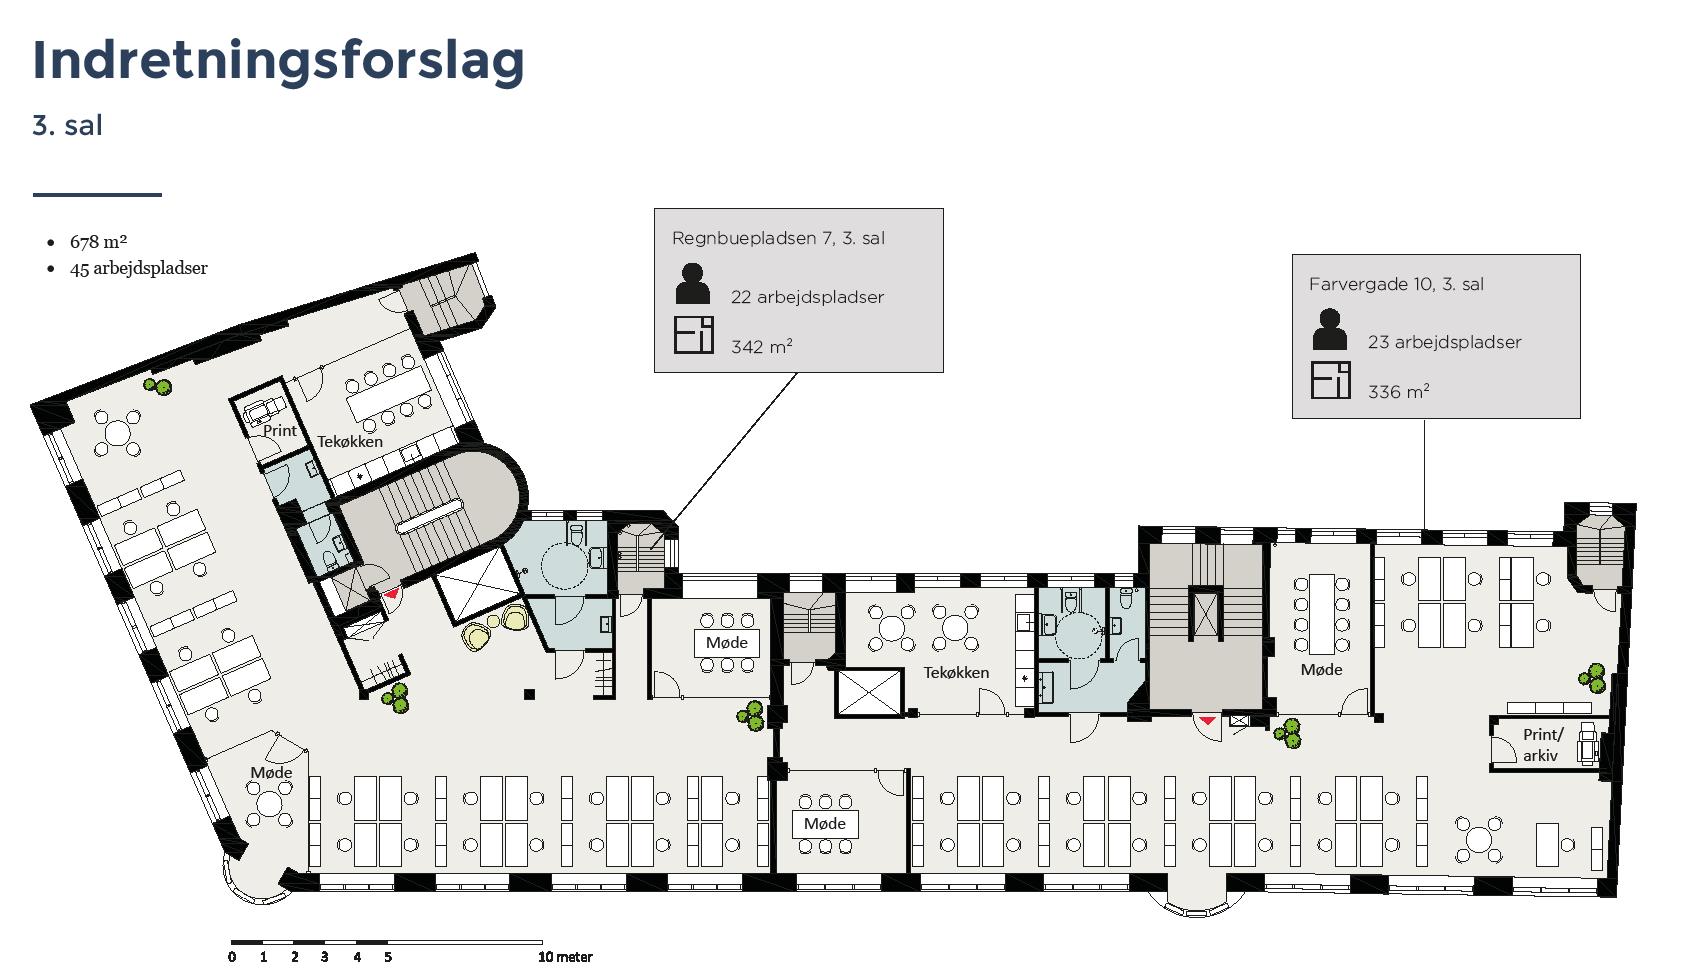 Plantegning - 3.sal - Farvergade 10 / Regnbuepladsen 7, 1463 København K